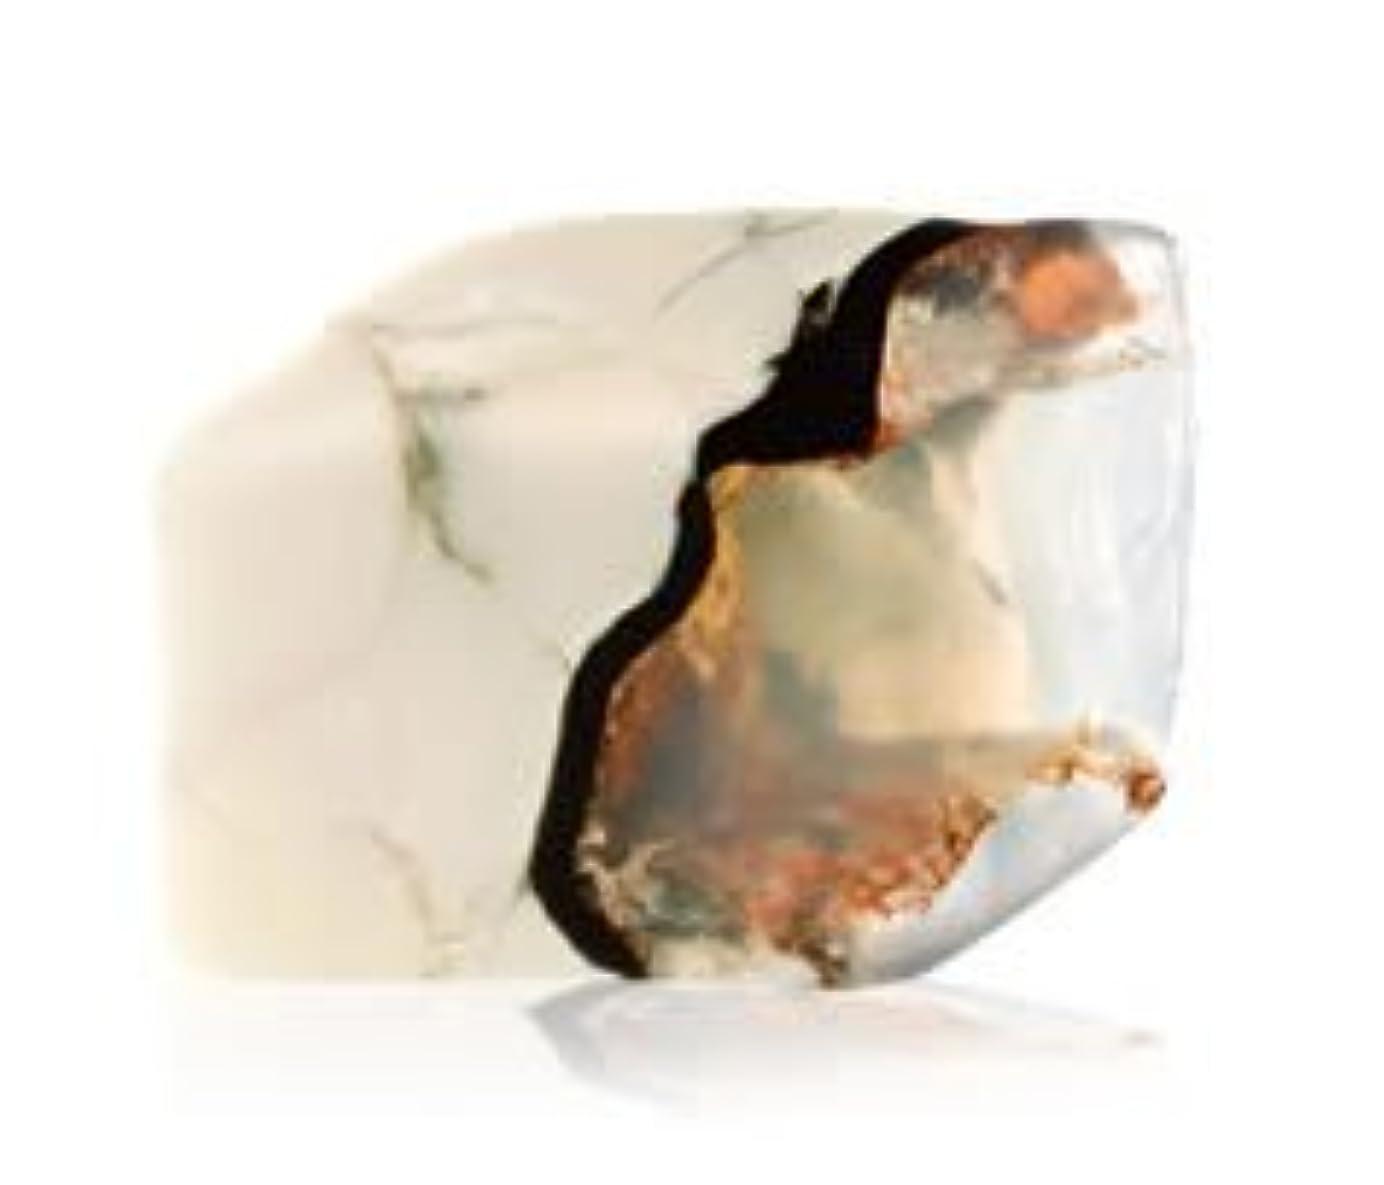 ハンマーモザイク現像Savons Gemme サボンジェム 世界で一番美しい宝石石鹸 フレグランスソープ マーブル 170g